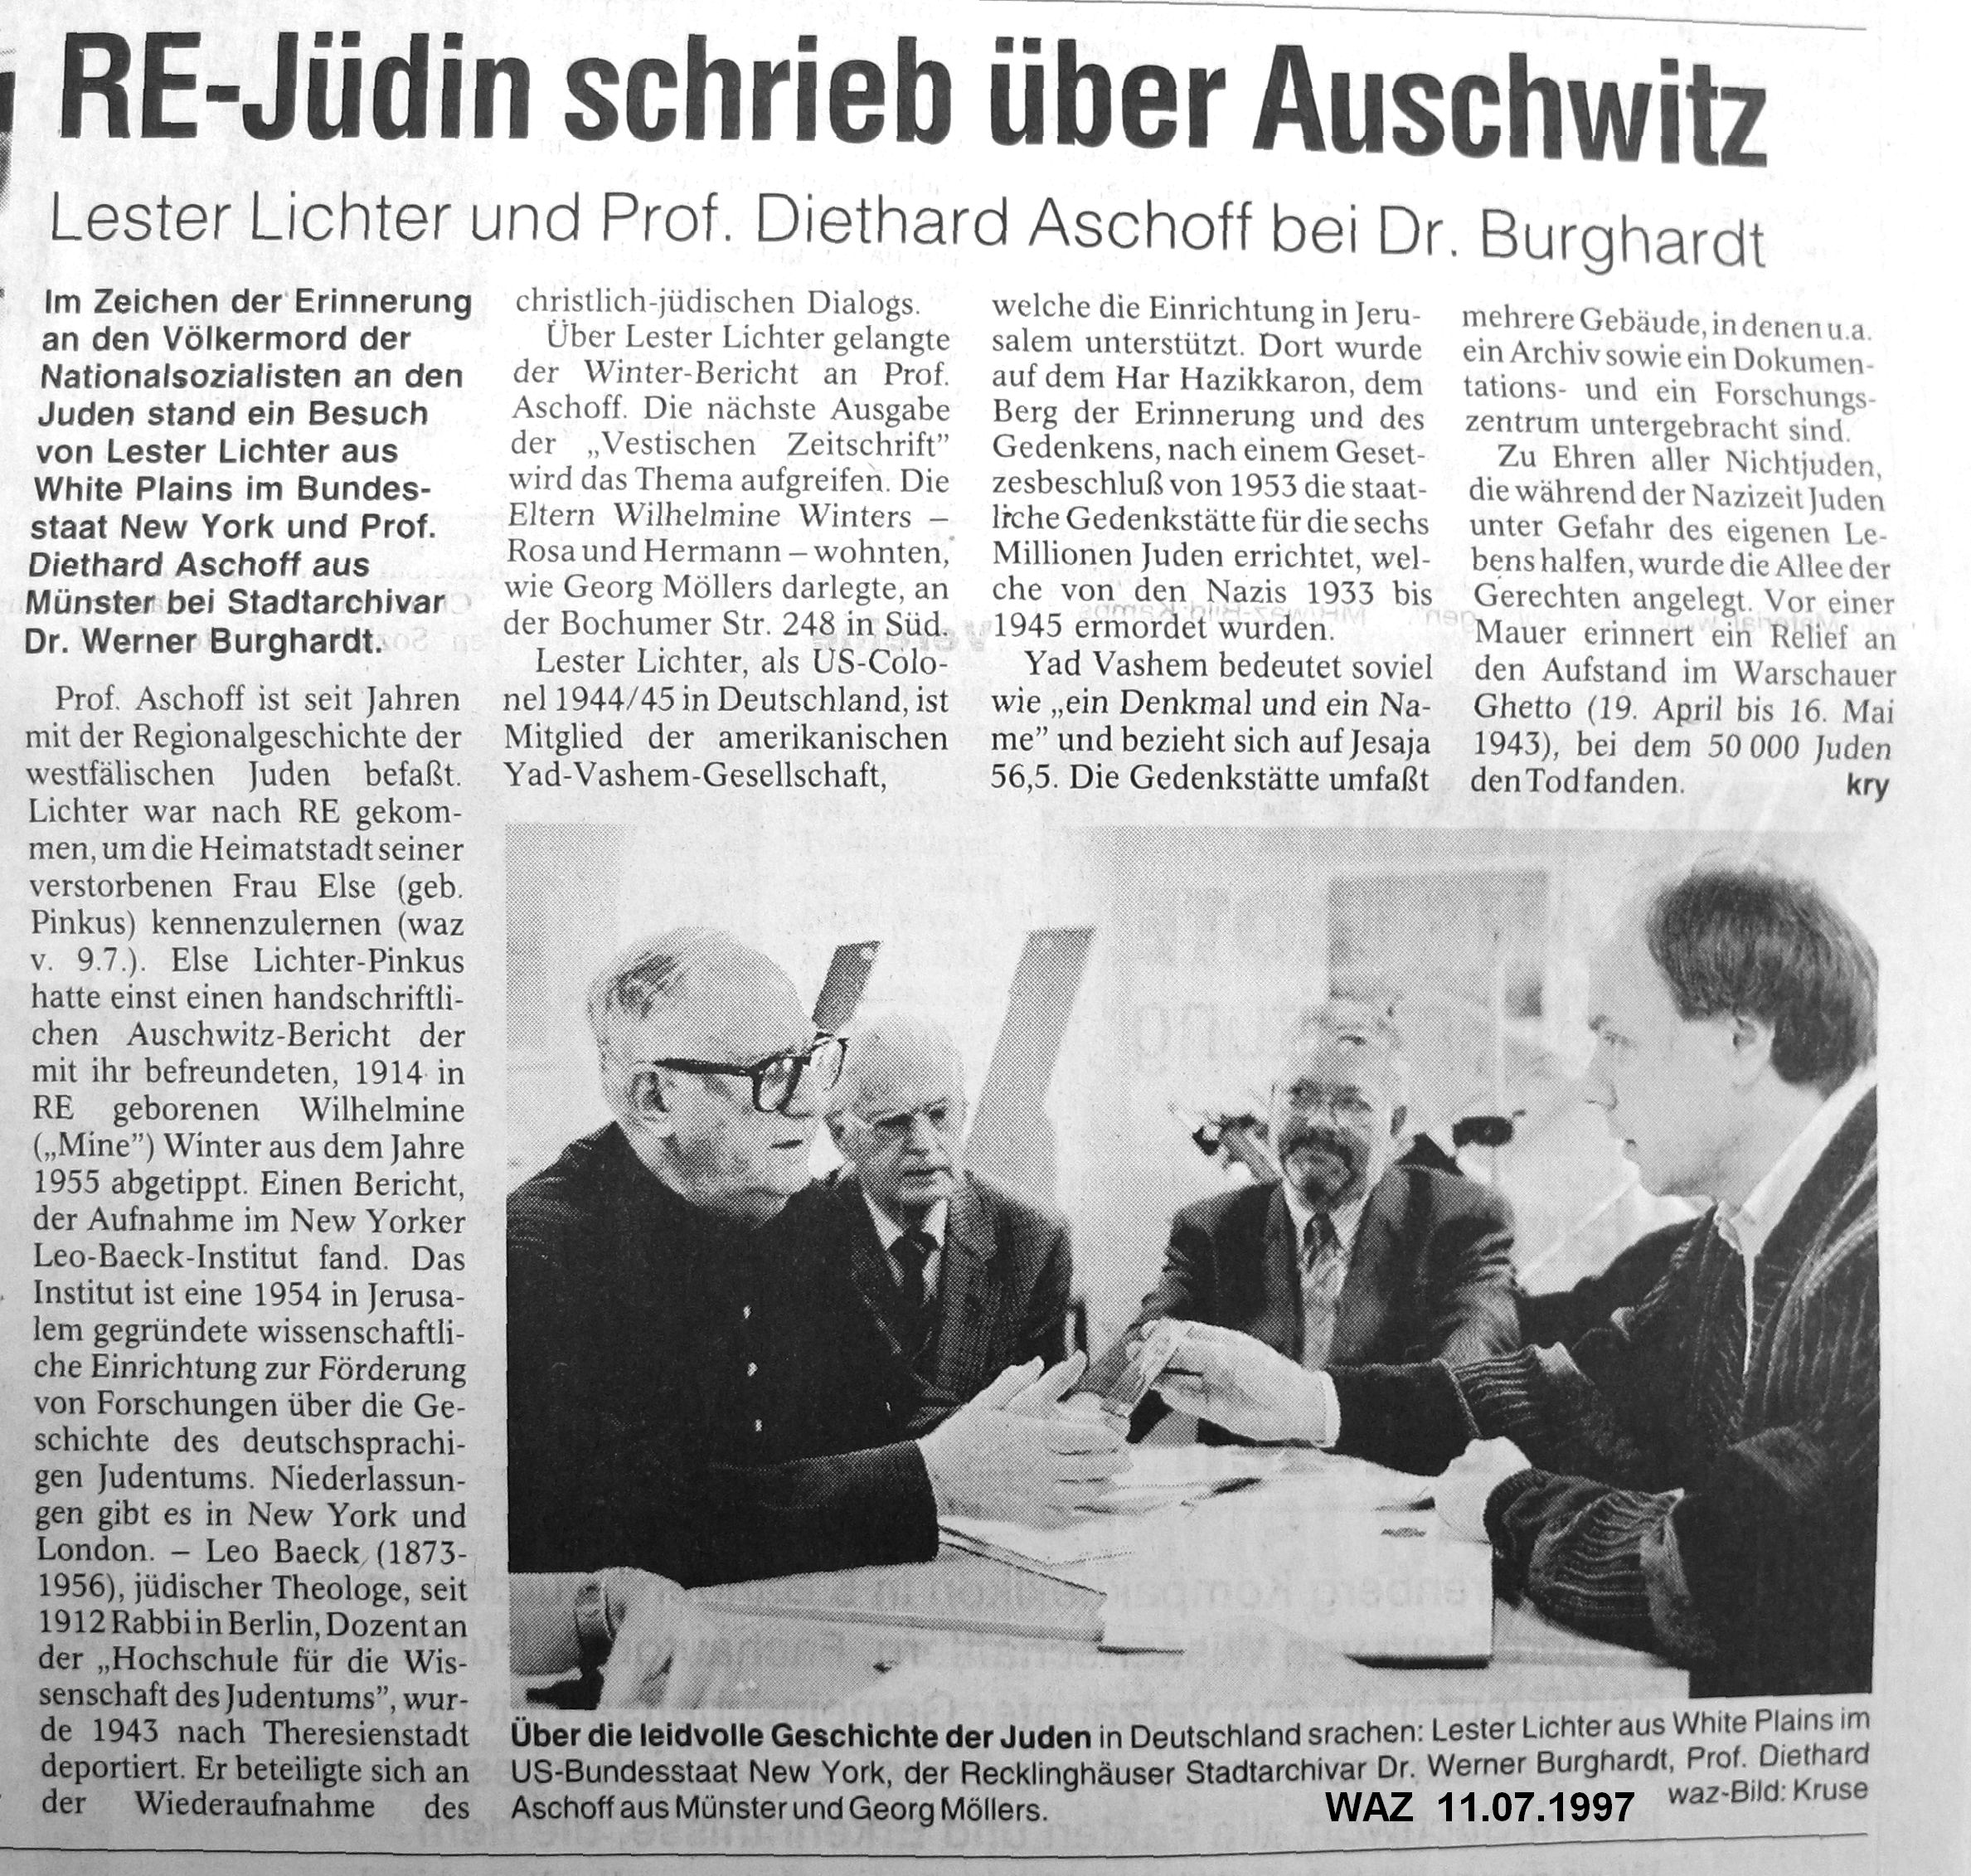 WAZ-Artikel vom 11.07.1997